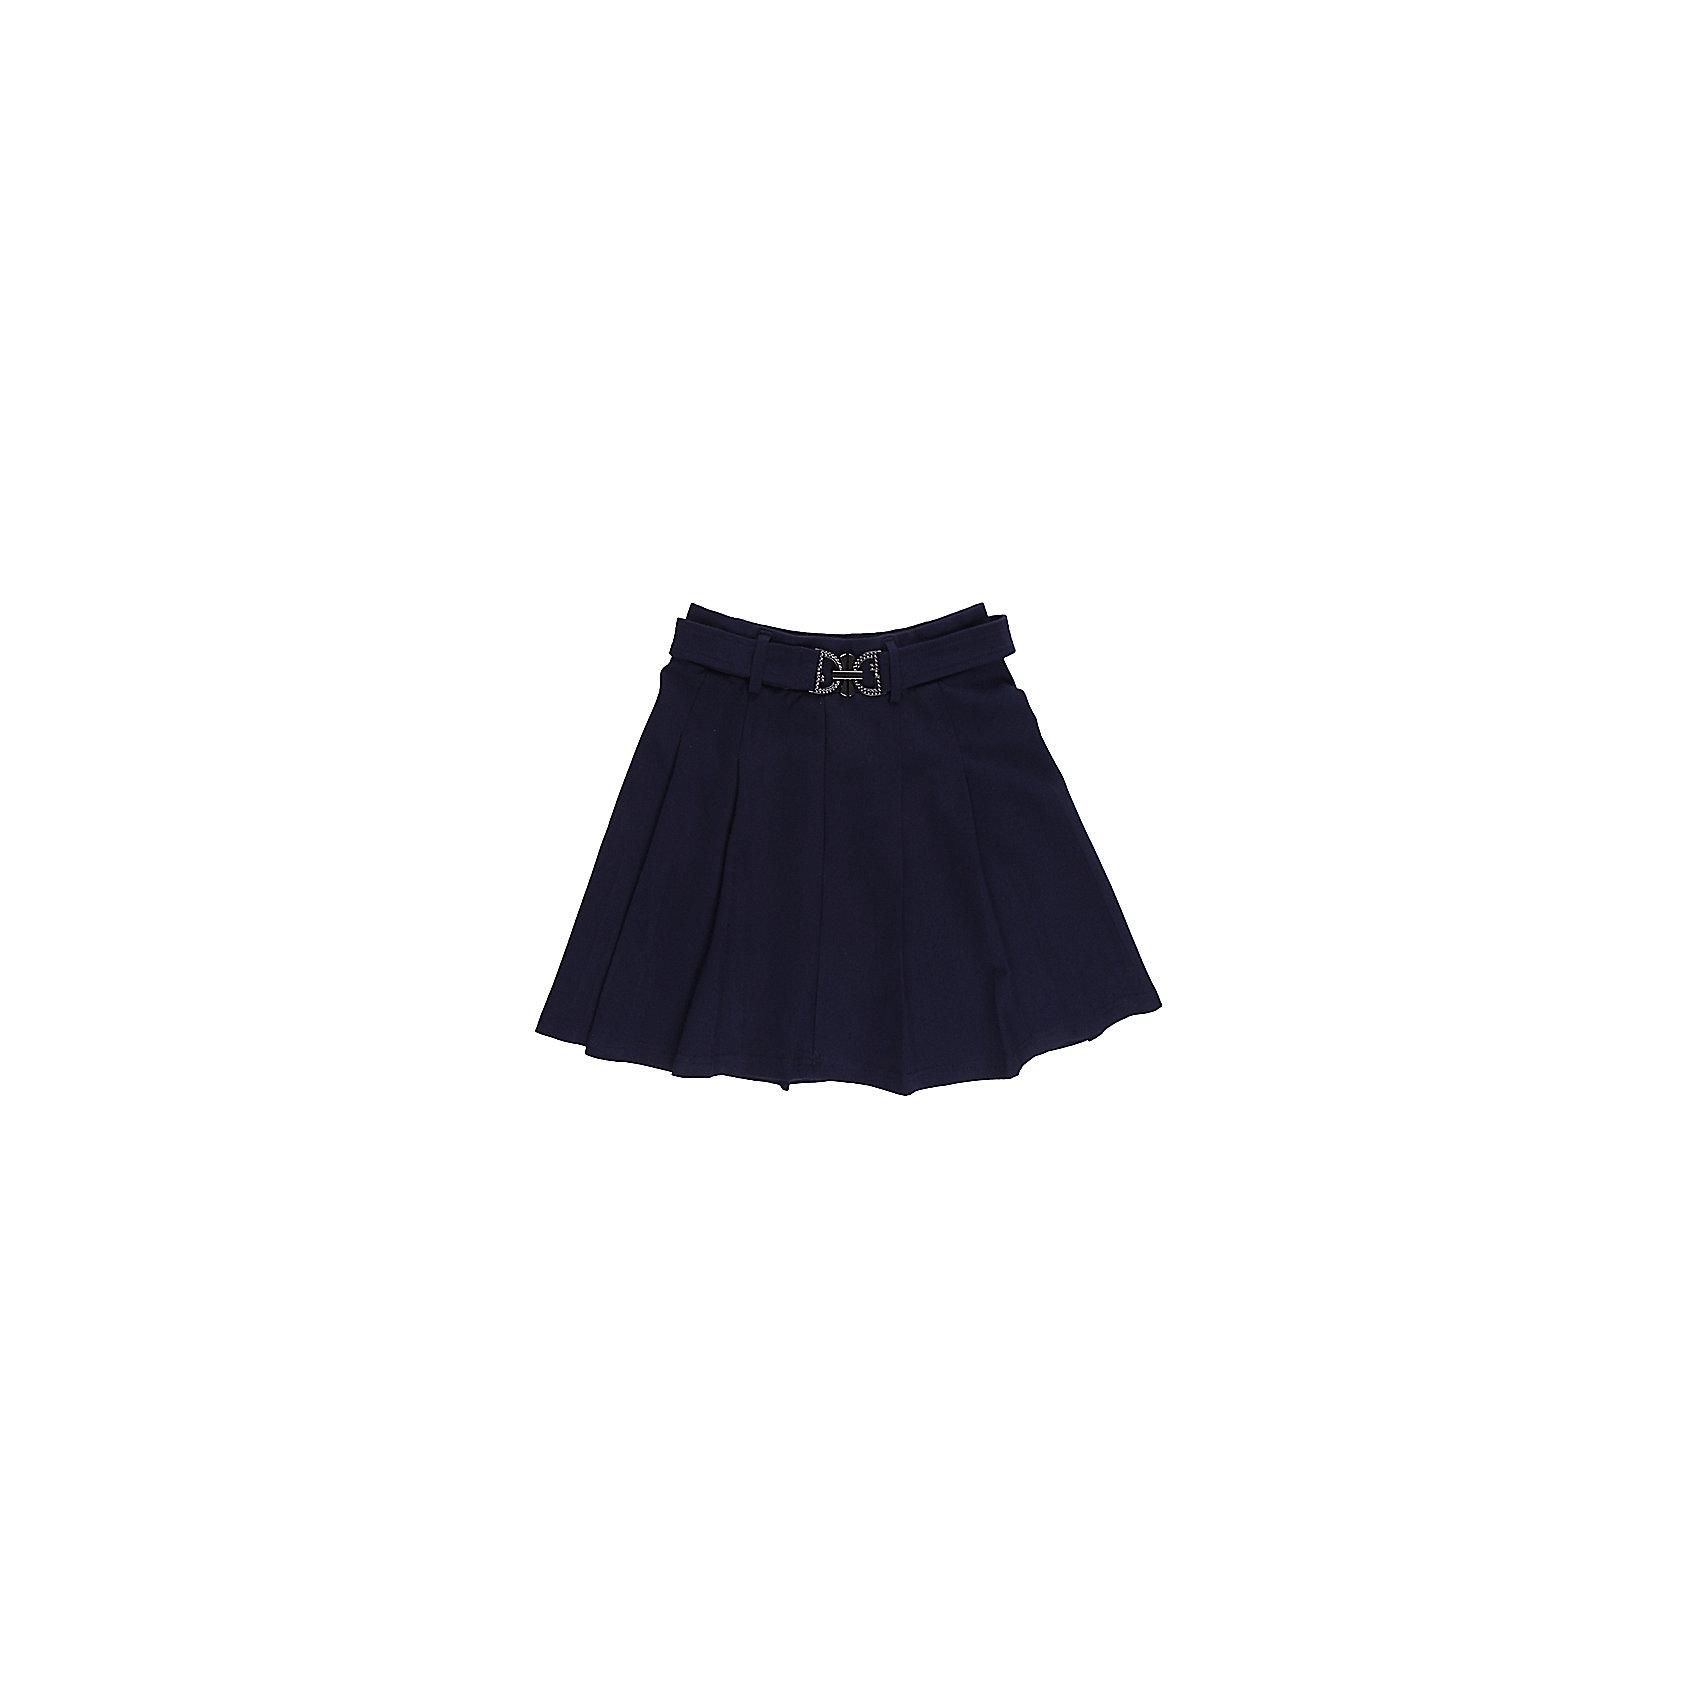 Юбка для девочки LuminosoЮбка для девочки от известного бренда Luminoso<br>Трикотажная юбка со складками и  поясом с декоративной бляшкой. В юбке предусмотрена внутренняя резинка на поясе, что делает модель удобной и комфортн<br>Состав:<br>65% хлопок, 30% полиэстер,  5% эластан<br><br>Ширина мм: 207<br>Глубина мм: 10<br>Высота мм: 189<br>Вес г: 183<br>Цвет: синий<br>Возраст от месяцев: 120<br>Возраст до месяцев: 132<br>Пол: Женский<br>Возраст: Детский<br>Размер: 146,134,140,152,158,164,128<br>SKU: 4728957